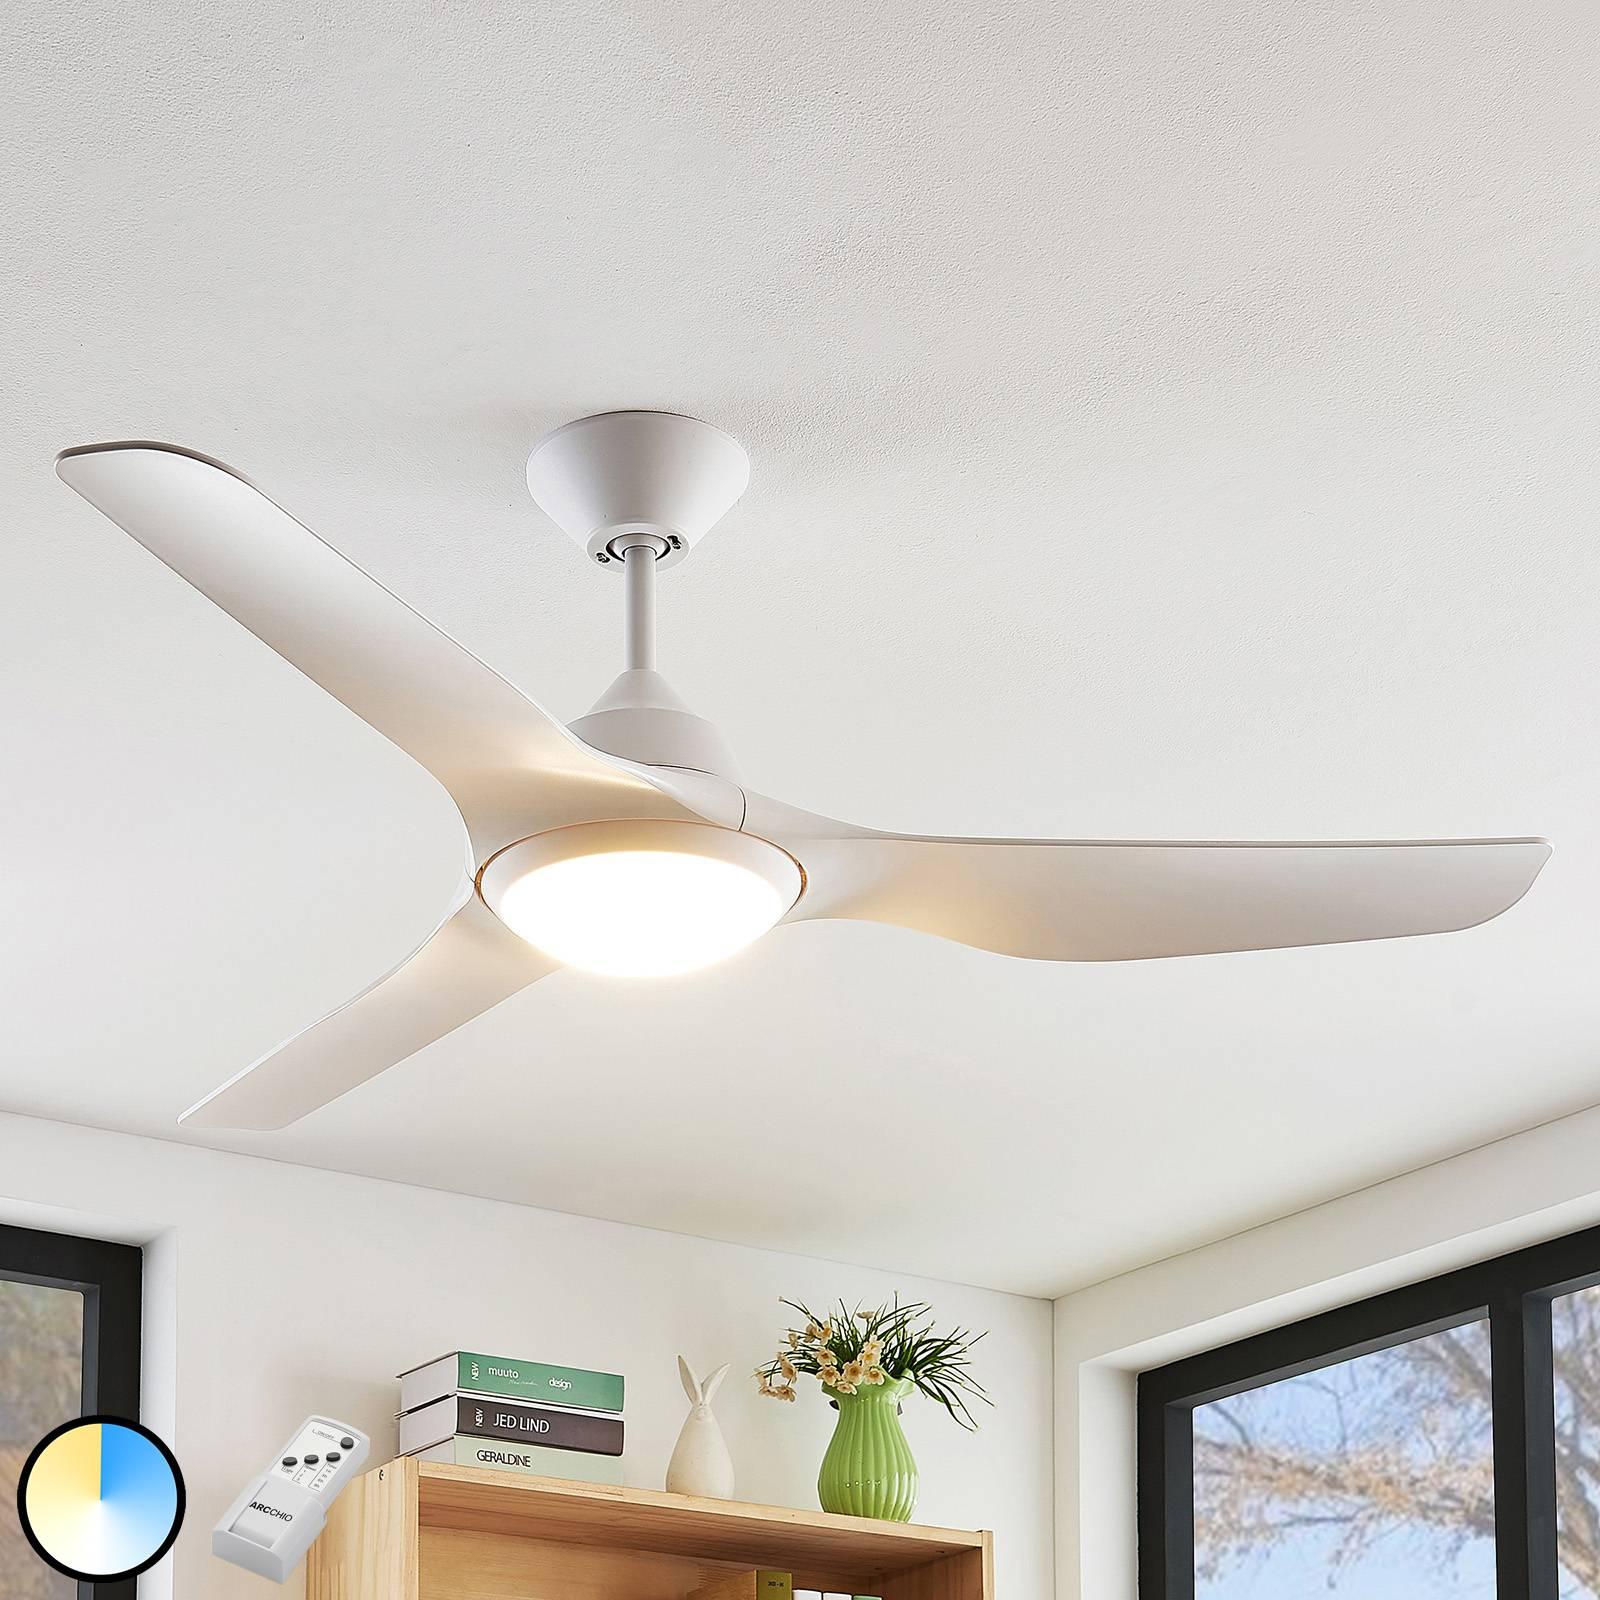 Arcchio Pira-LED-kattotuuletin valkoinen, 3 siipeä